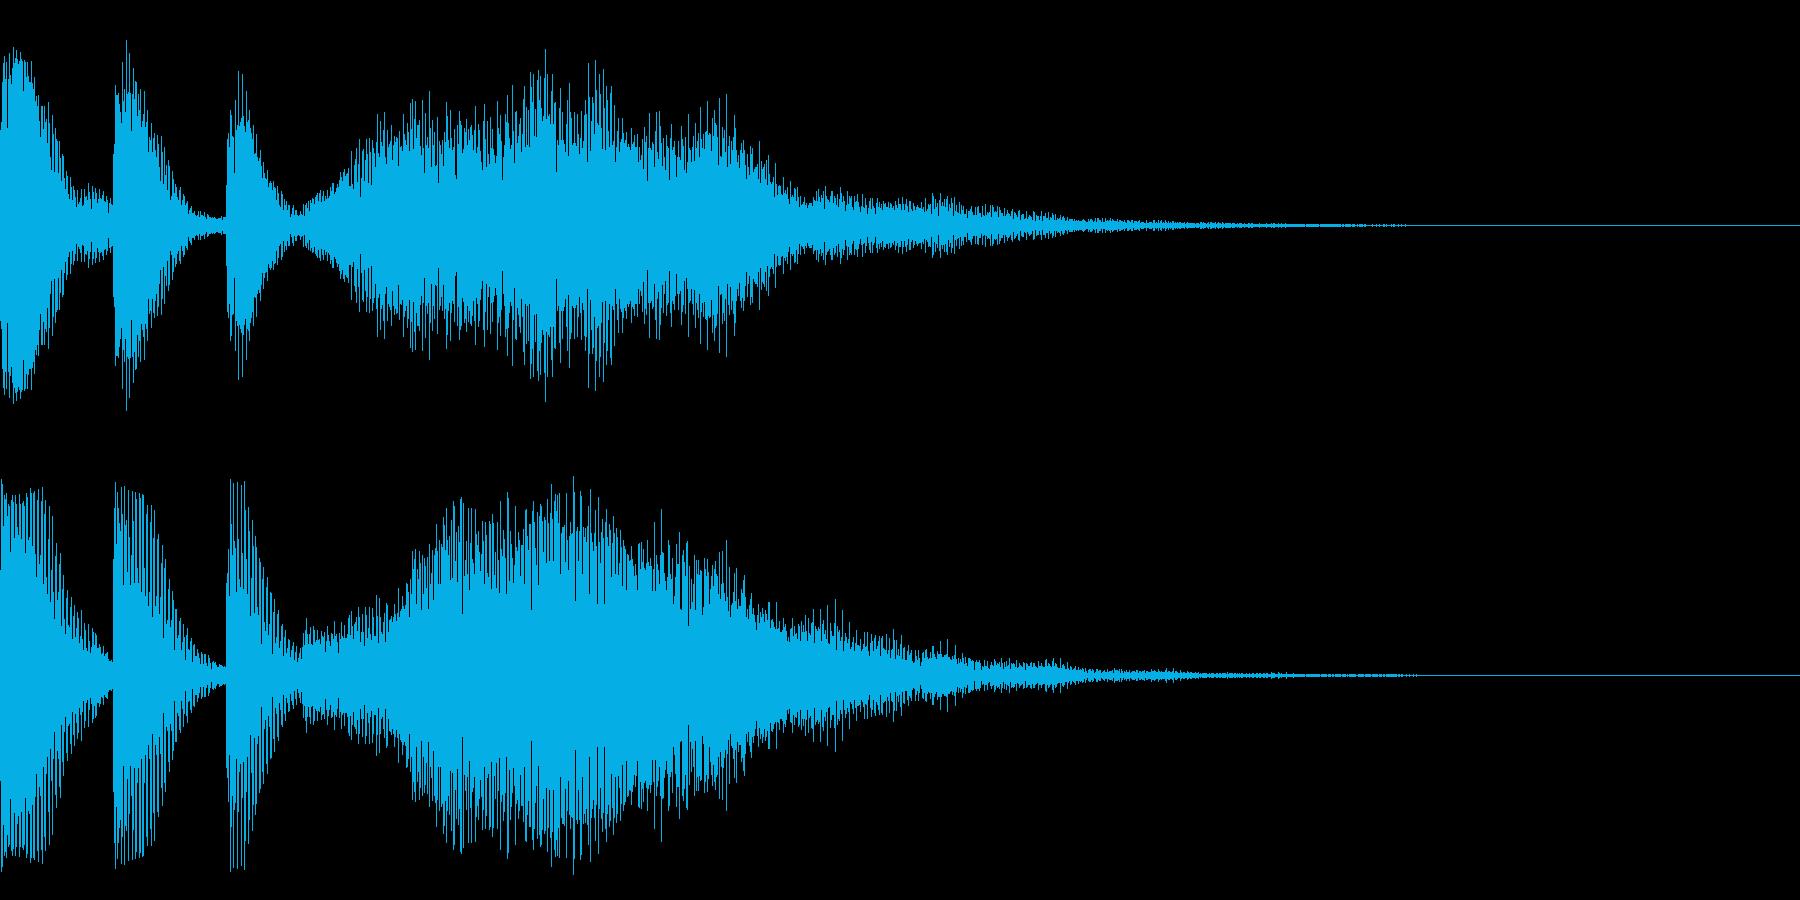 移動系のサウンドの再生済みの波形